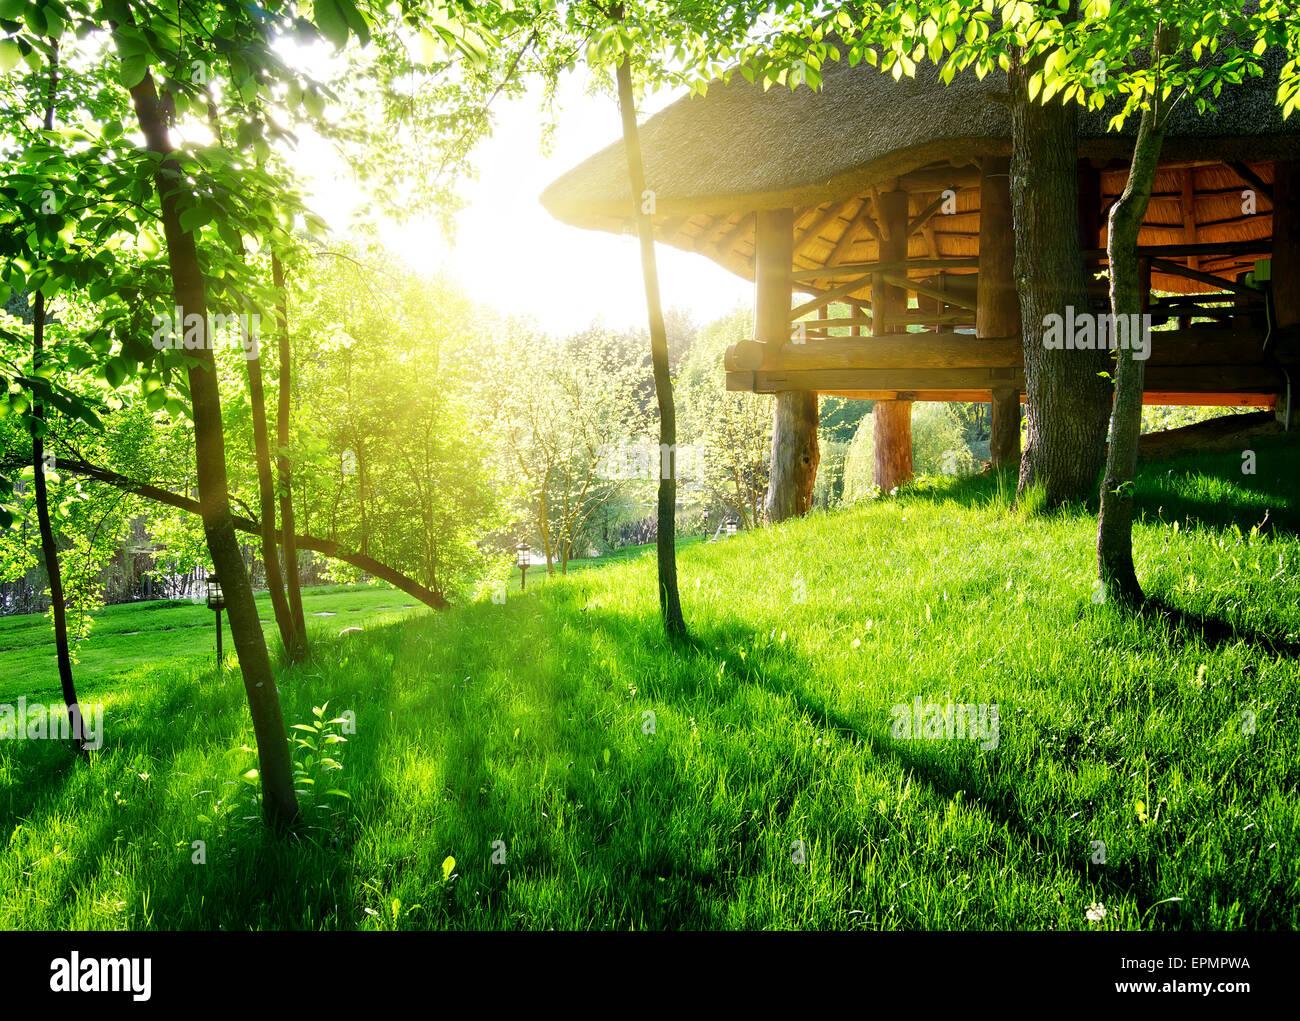 Gazebo parmi le vert des arbres dans journée ensoleillée Photo Stock